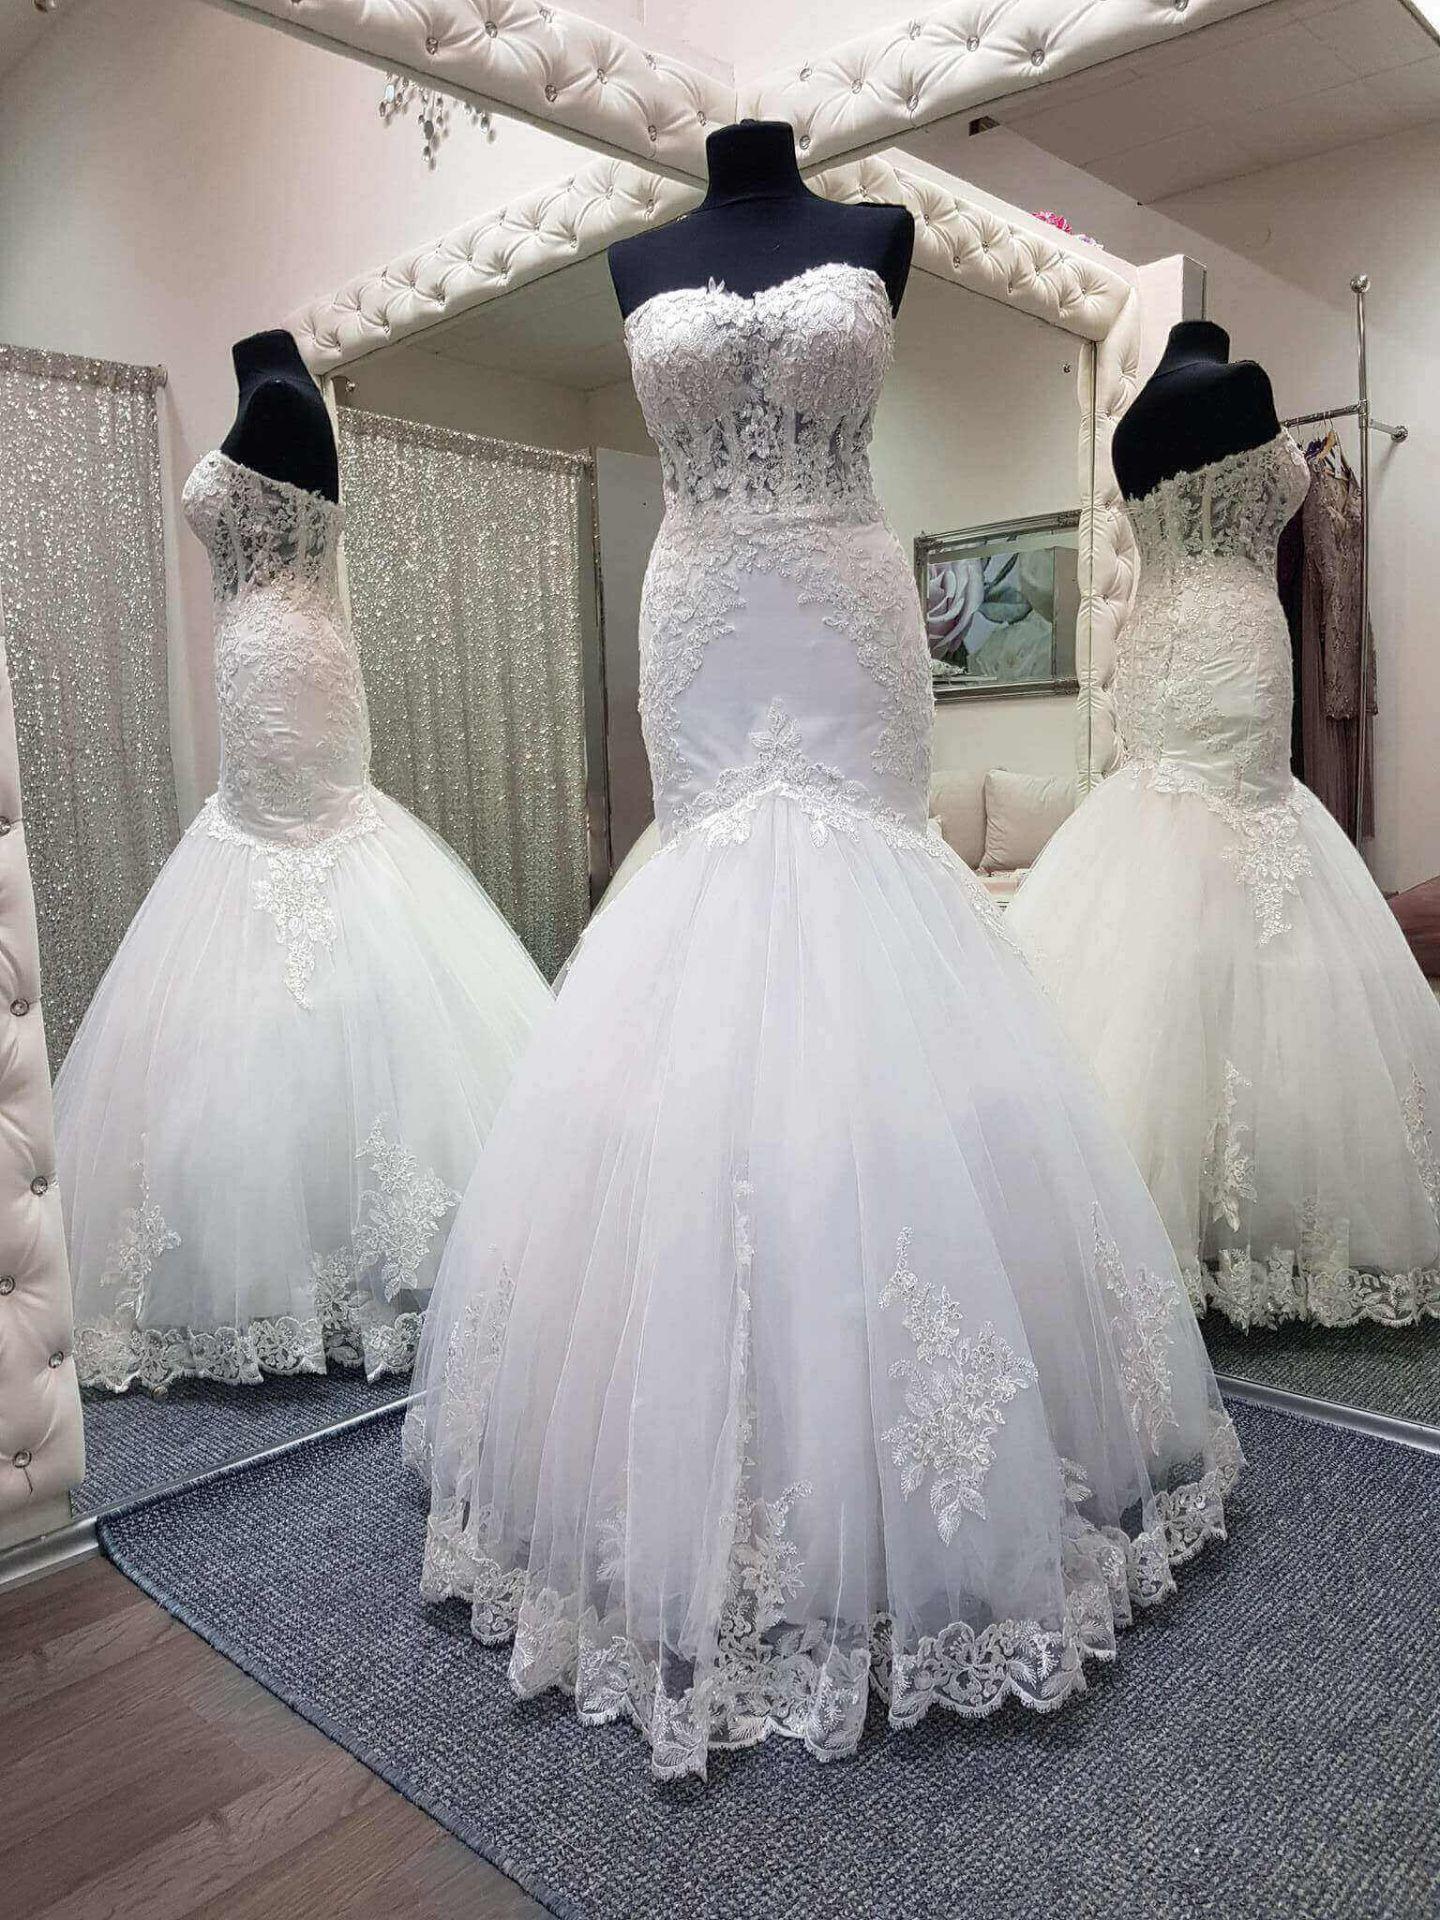 Vjenčanice La Perla